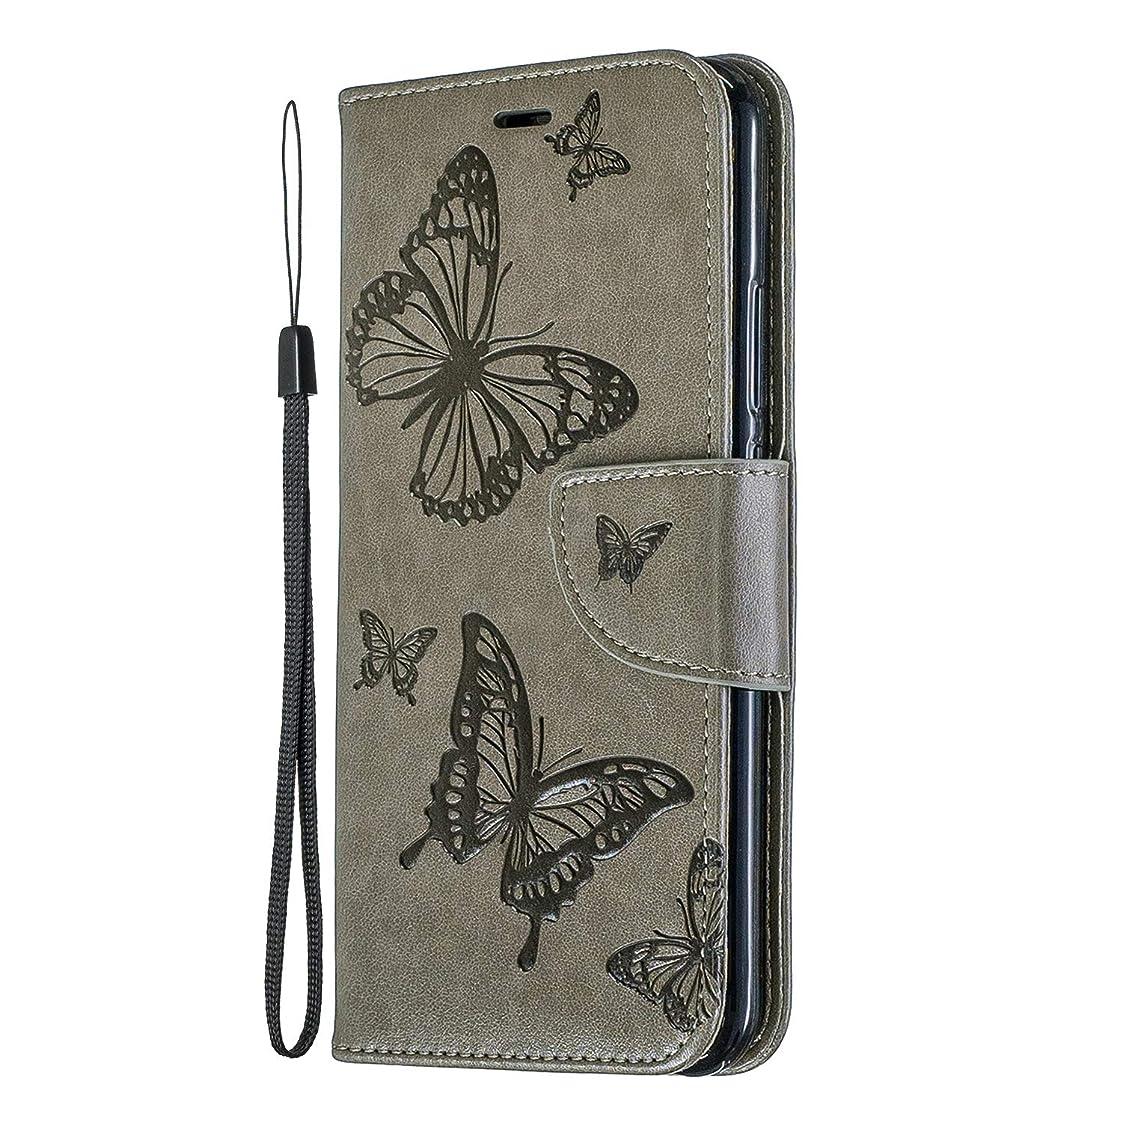 トリクル終わった聴衆Docrax Huawei Mate20 Lite ケース 手帳型 スタンド機能 財布型 カードポケット マグネット ファーウェイMate20lite 手帳型ケース レザーケース カバー - DOBFE140171 グレー